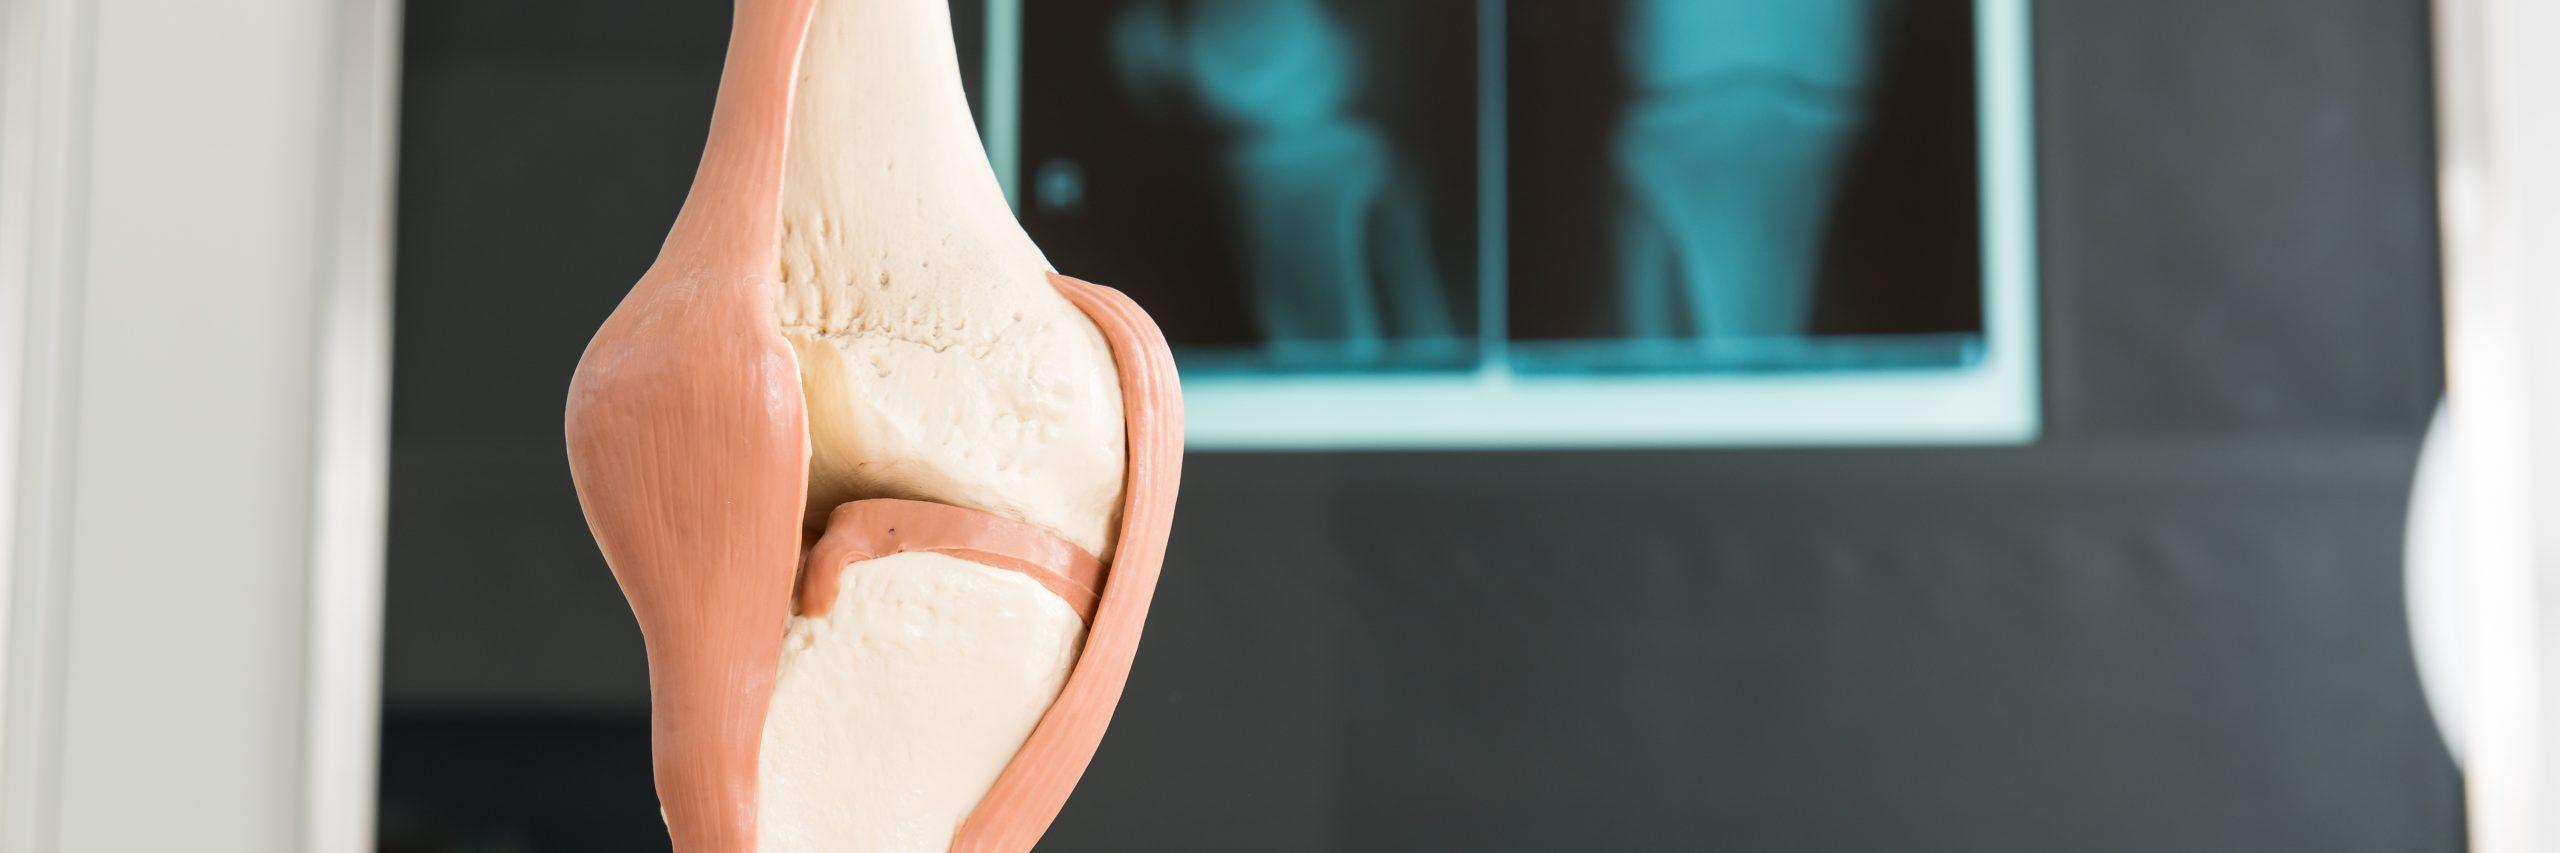 Poradnia Urazowo-Ortopedyczna